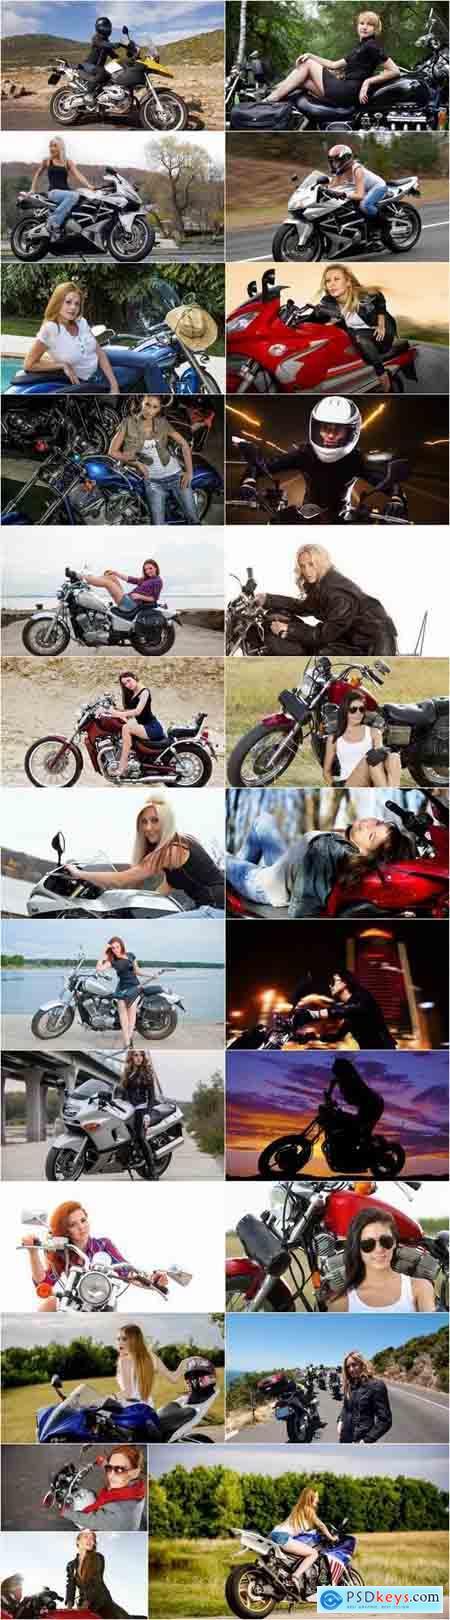 Woman woman on a motorcycle sportbike chopper enduro 25 HQ Jpeg